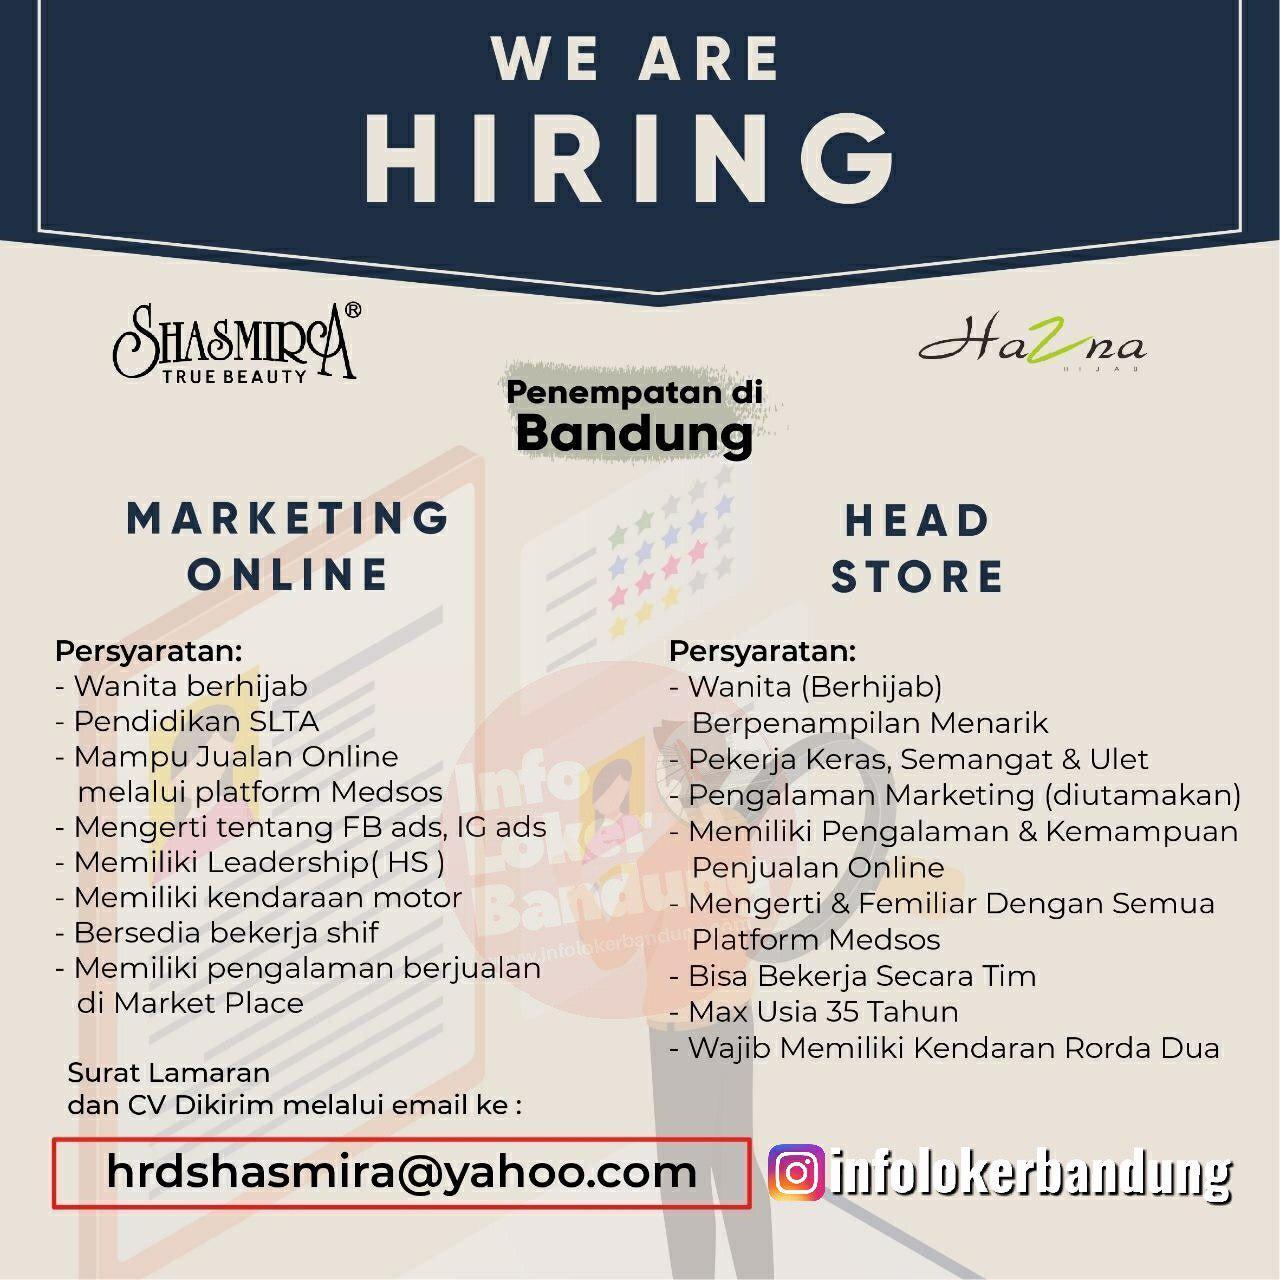 Lowongan Kerja Shasmira True & Beauty Bandung Agustus 2019